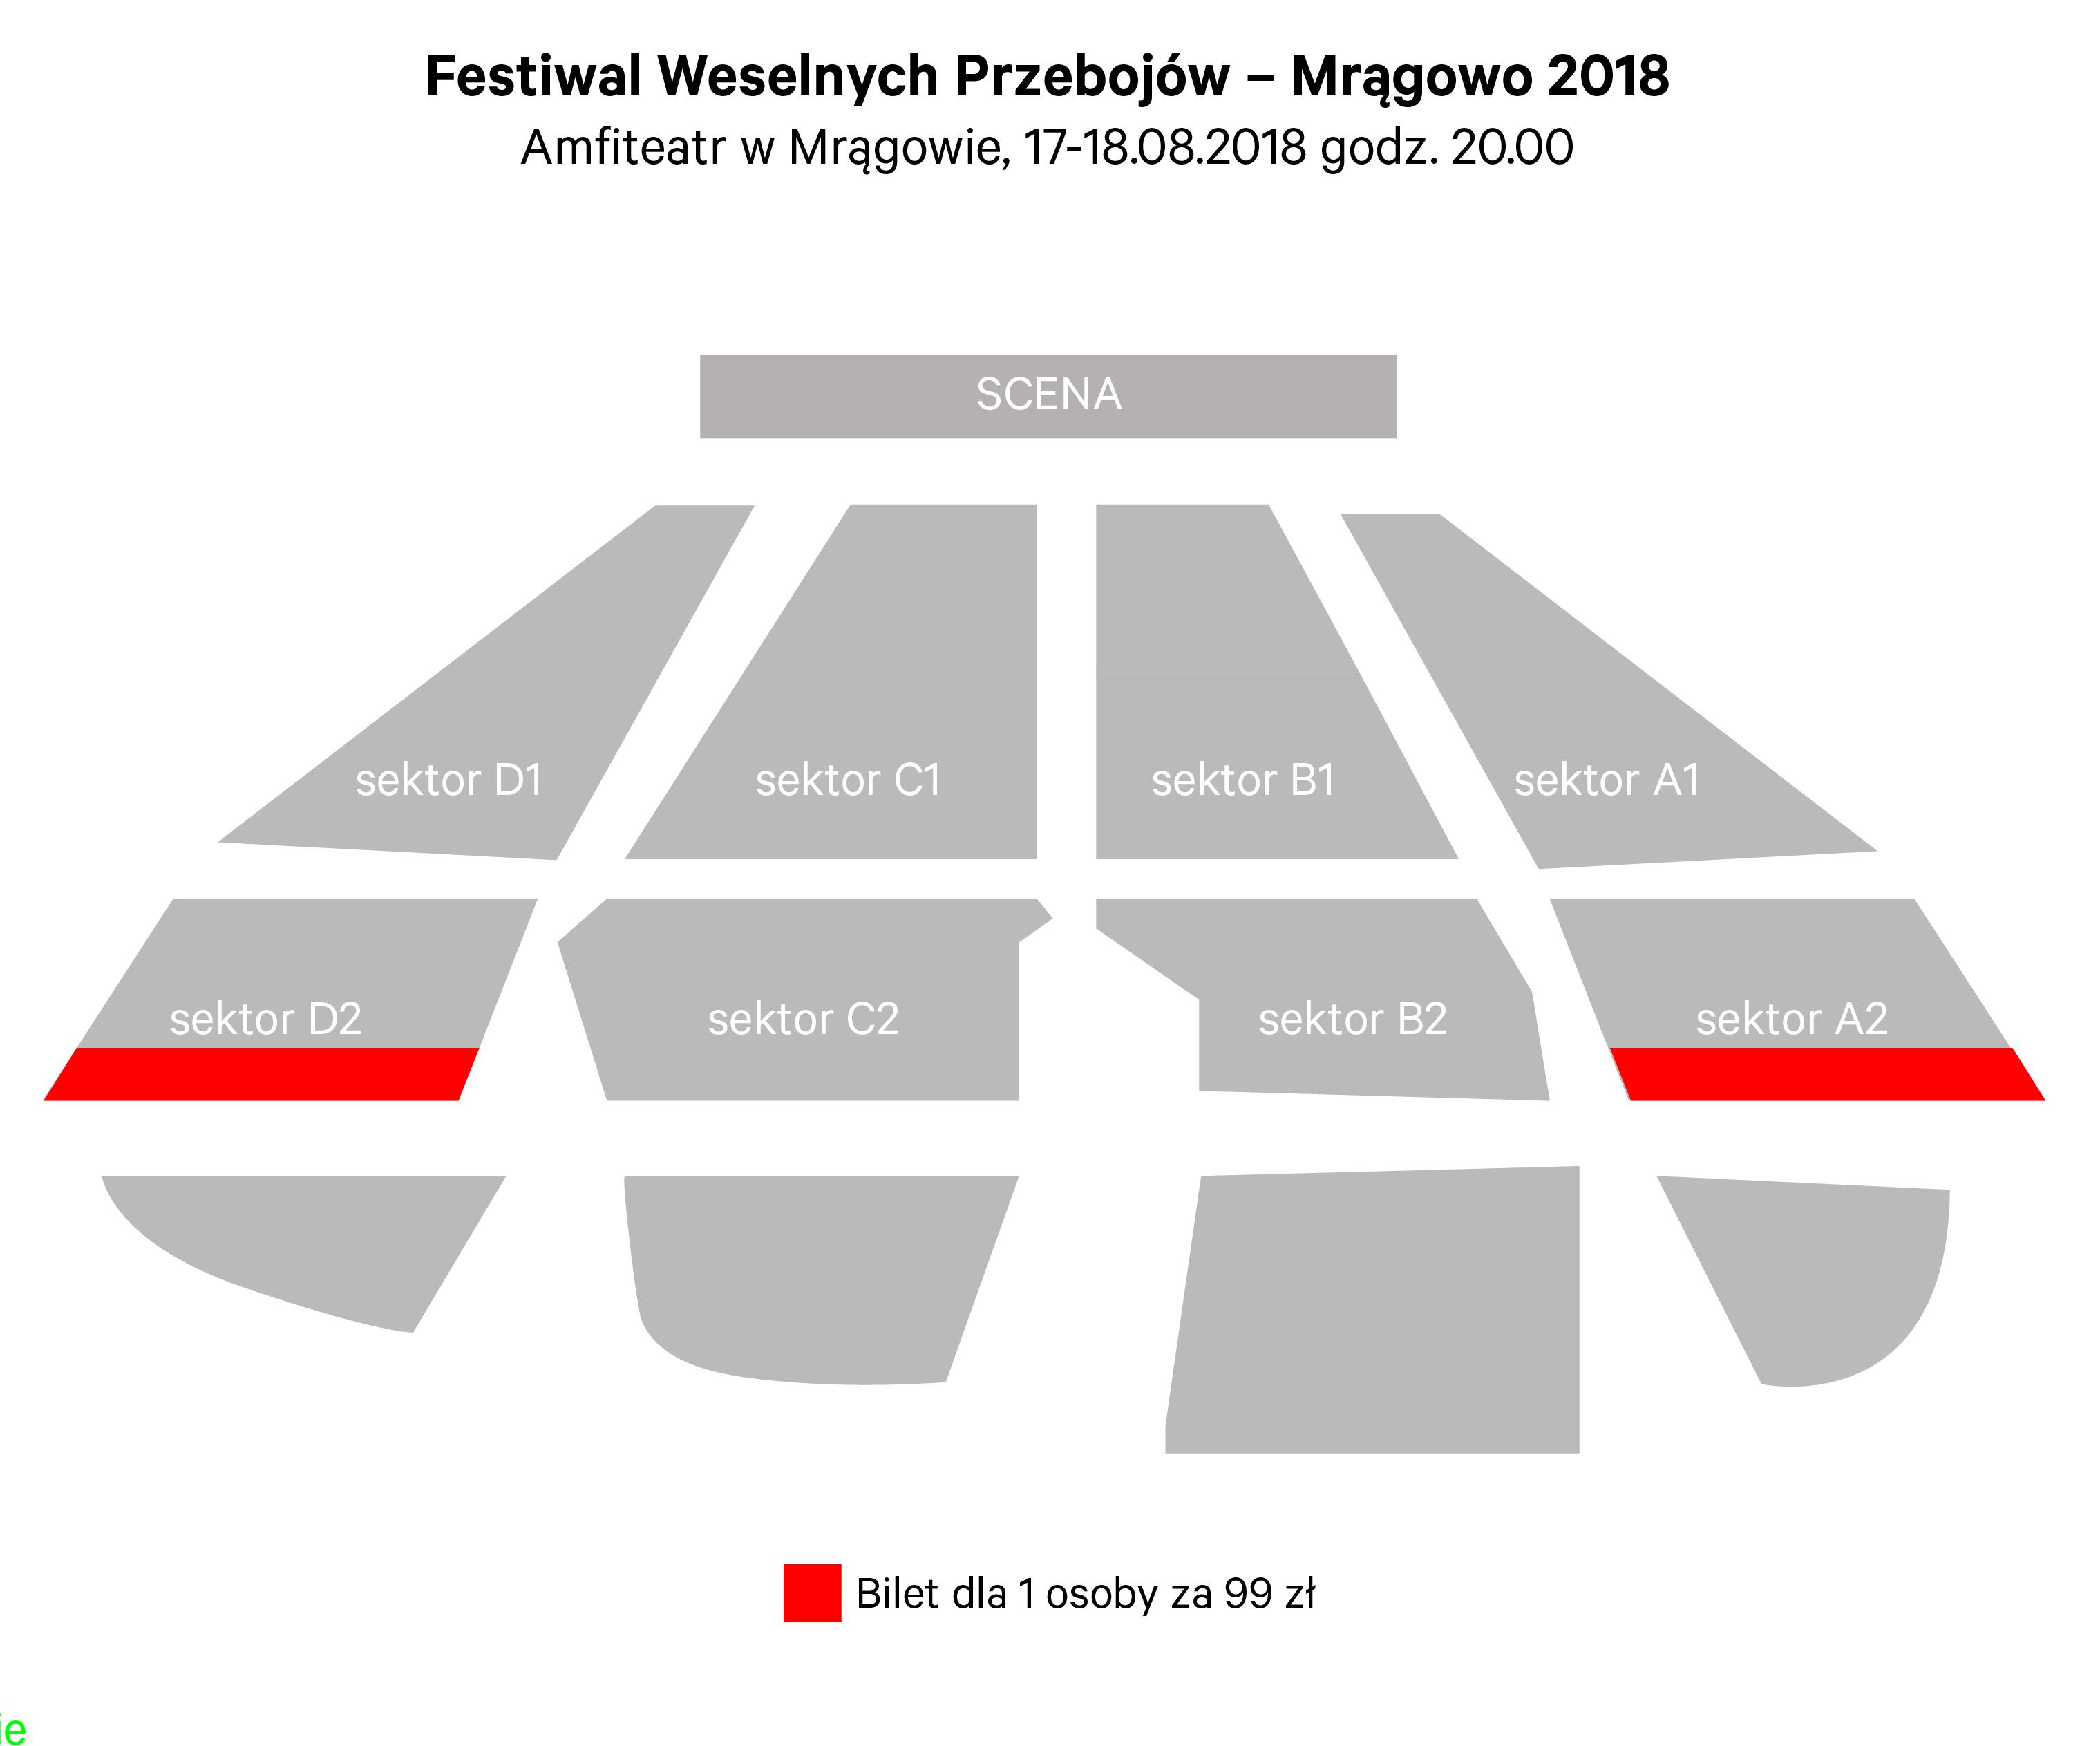 Festiwal Weselnych Przebojów Transmitowany Na żywo Przez Polsat